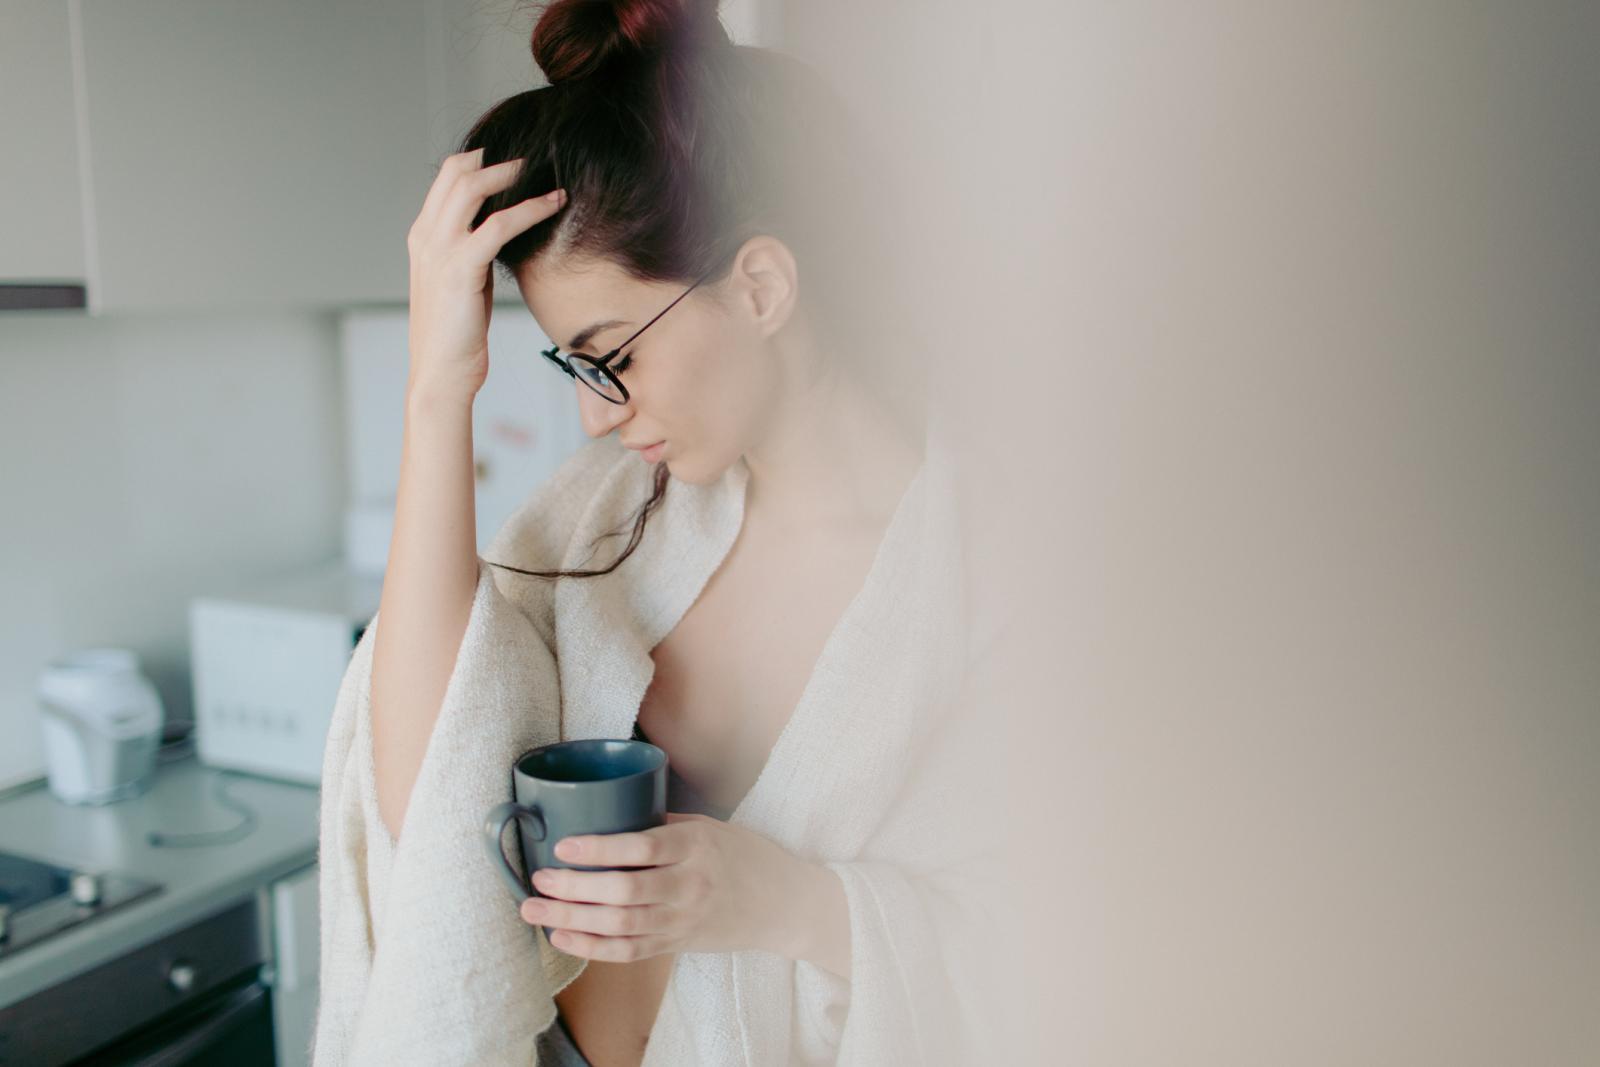 Znate li za kojim ćete posegnuti ako imate problema s buđenjem, ako vam nedostaje energije ili ako ste razdražljivi?